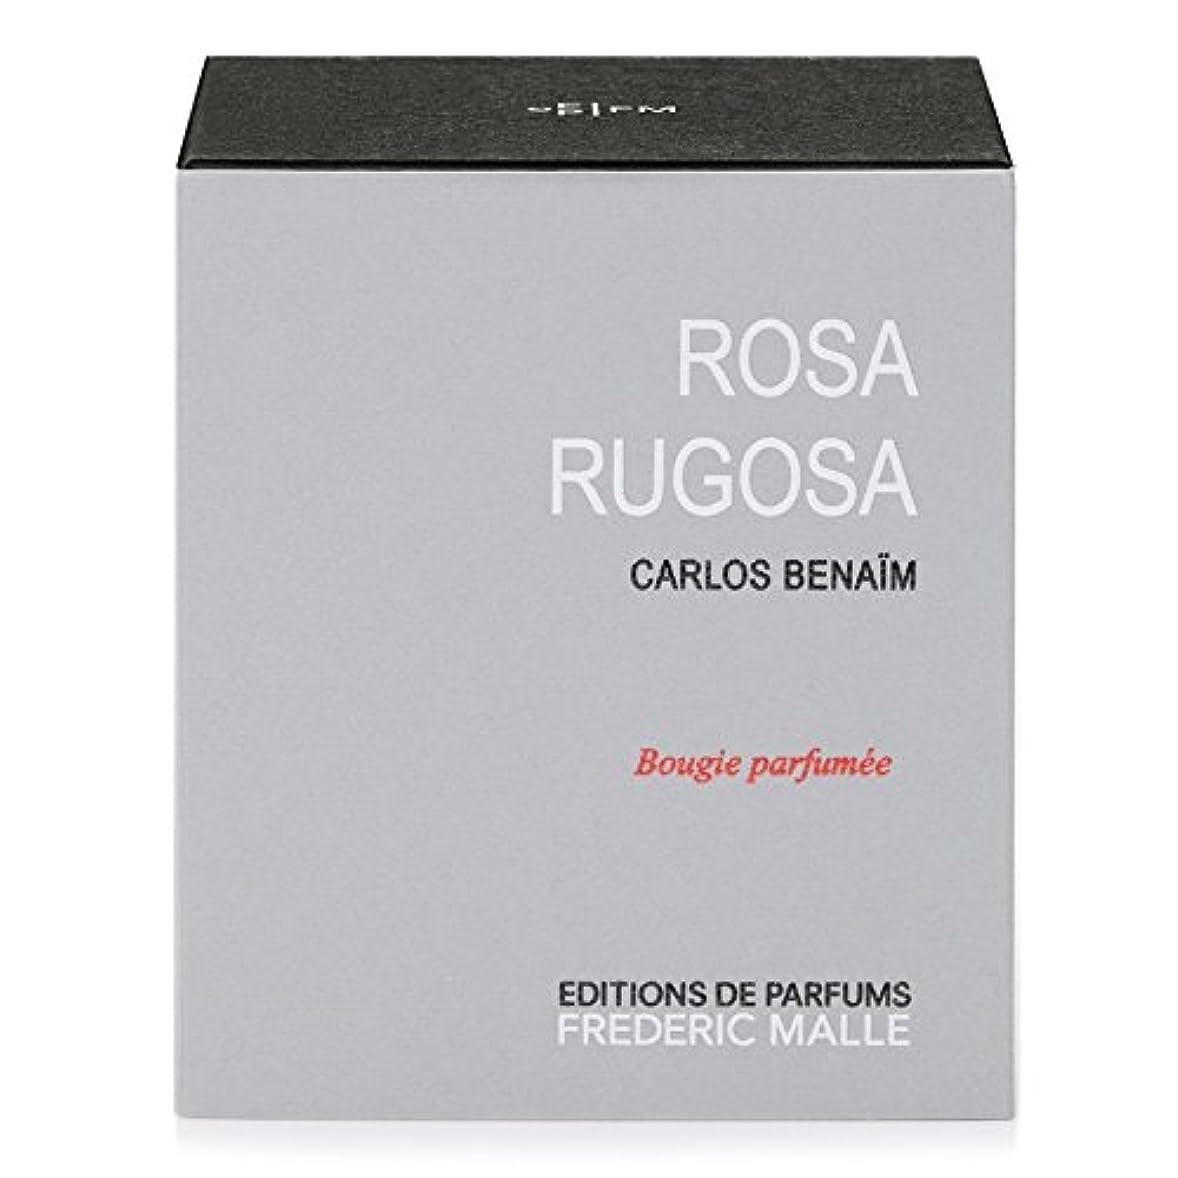 協同お母さん凍ったFrederic Malle Rosa Rugosa Scented Candle (Pack of 4) - フレデリック?マルハマナスの香りのキャンドル x4 [並行輸入品]